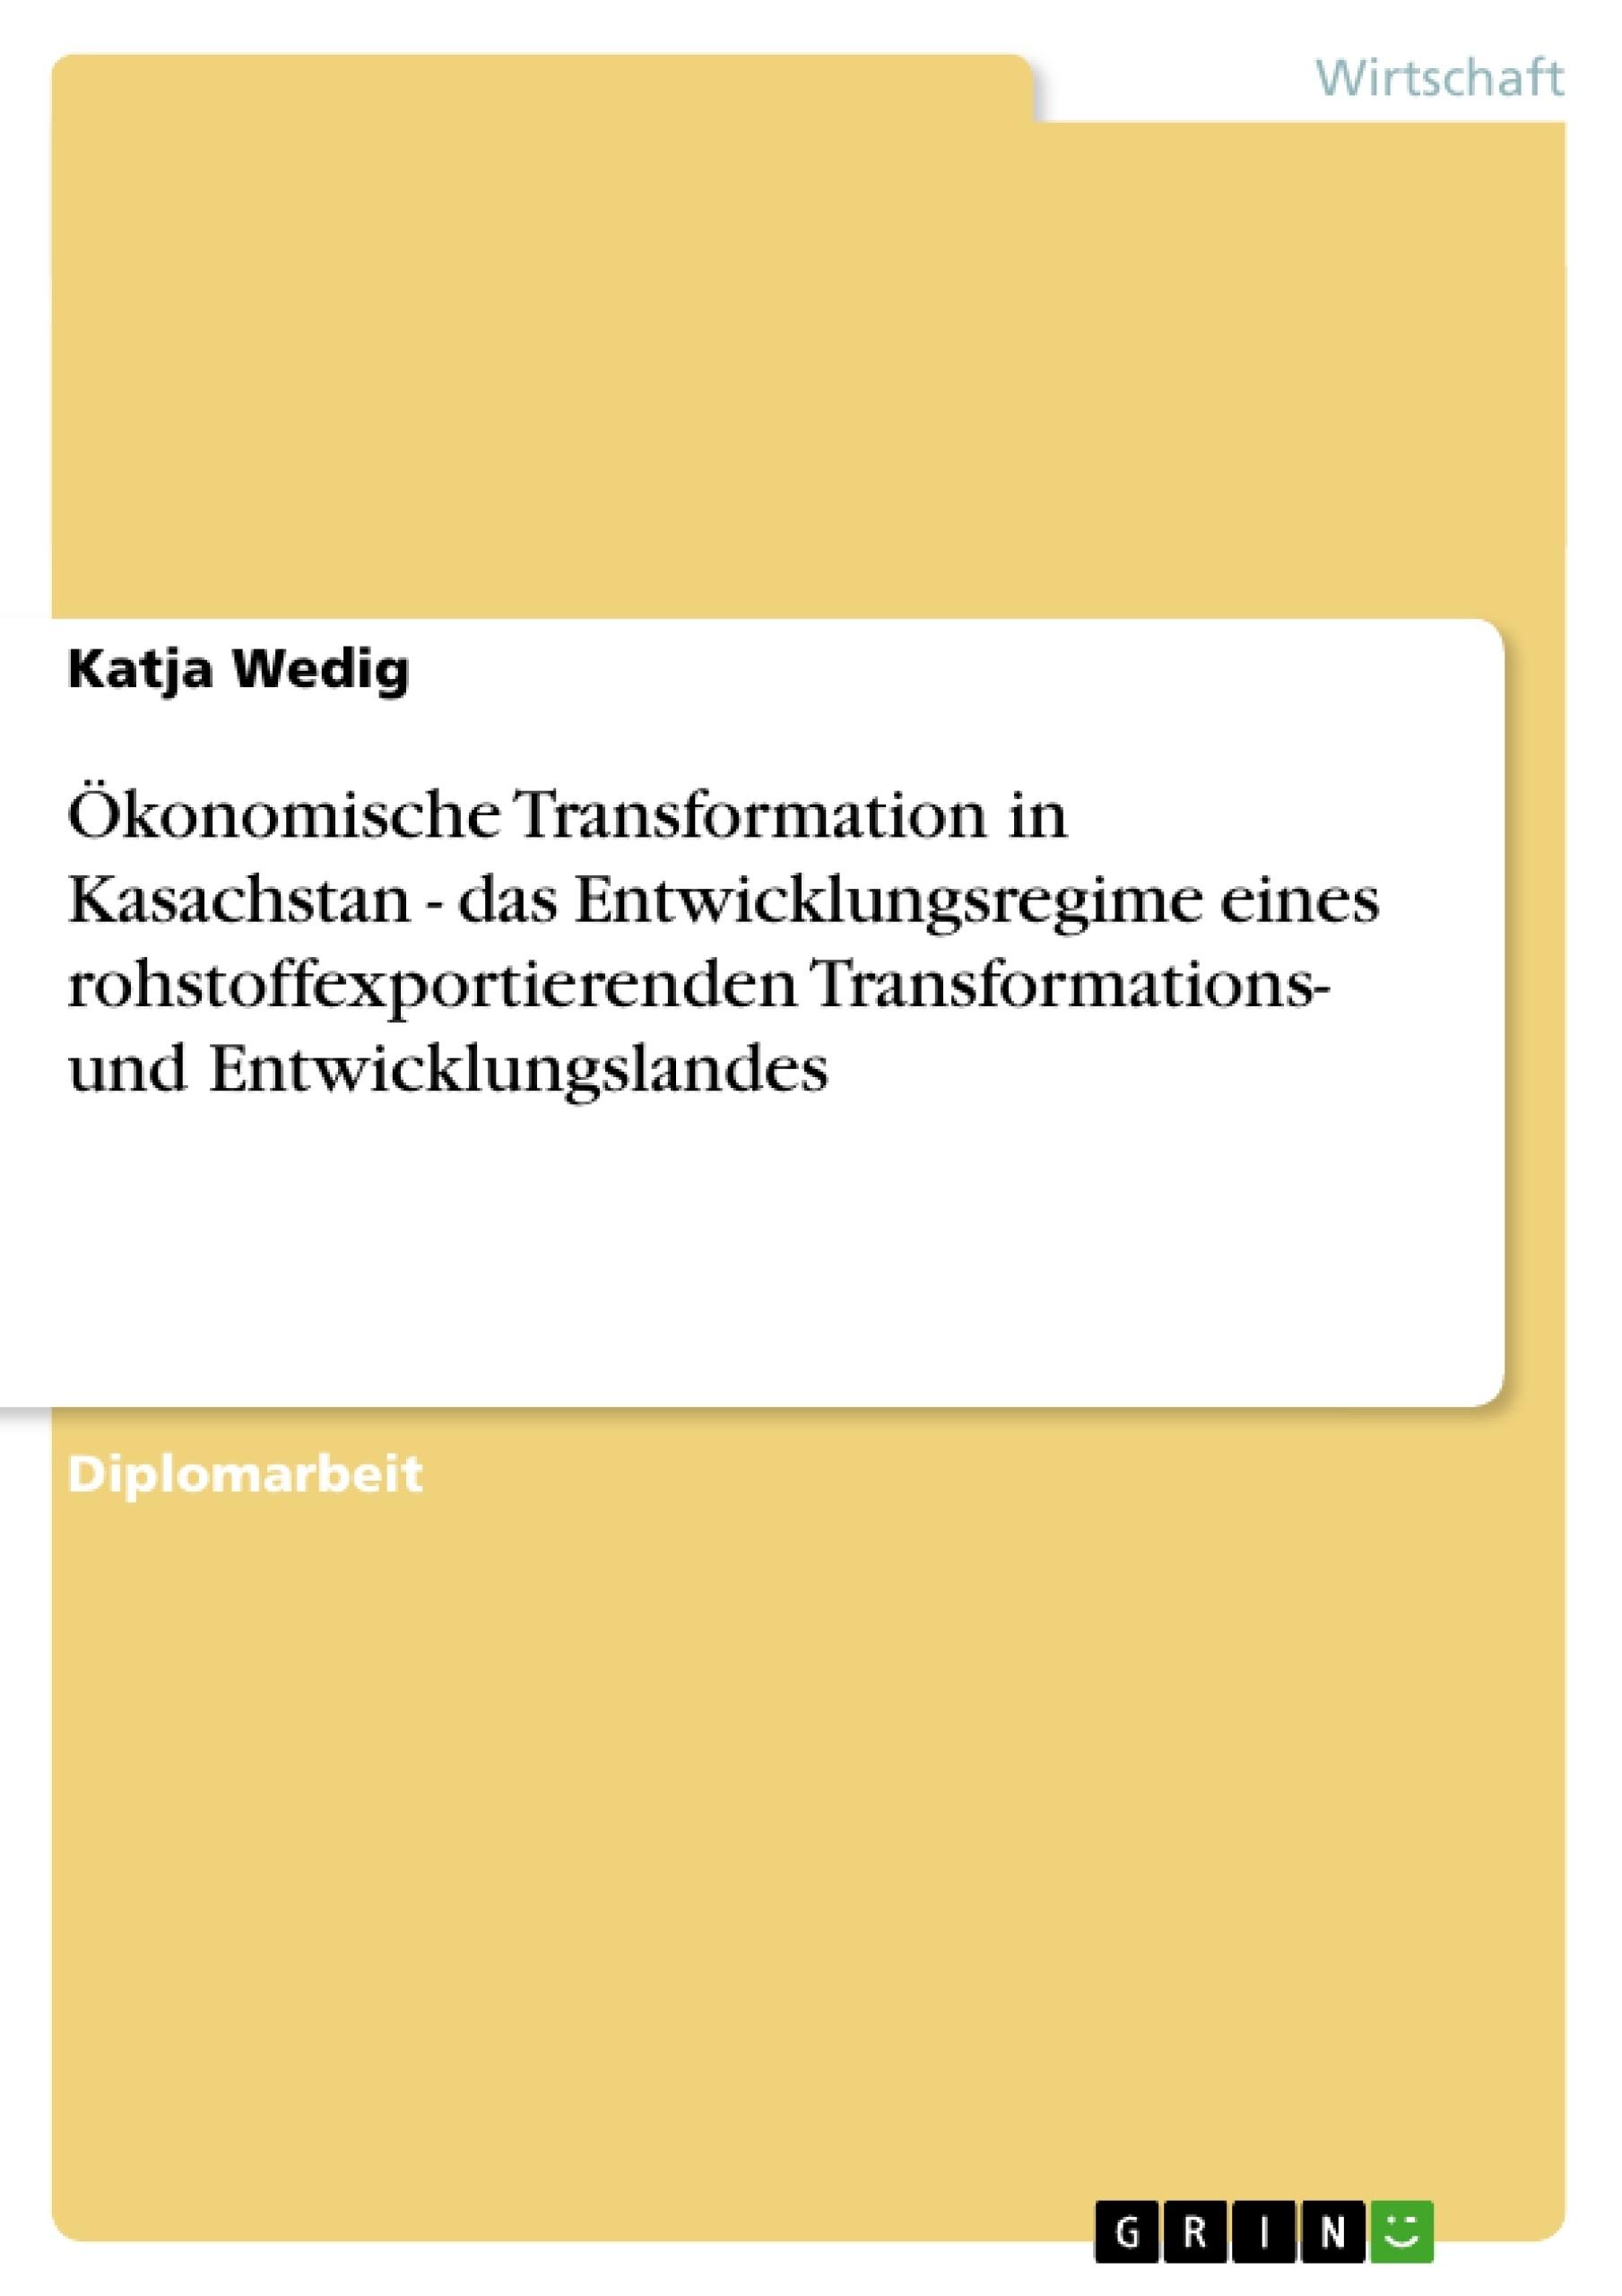 Titel: Ökonomische Transformation in Kasachstan - das Entwicklungsregime eines rohstoffexportierenden Transformations- und Entwicklungslandes